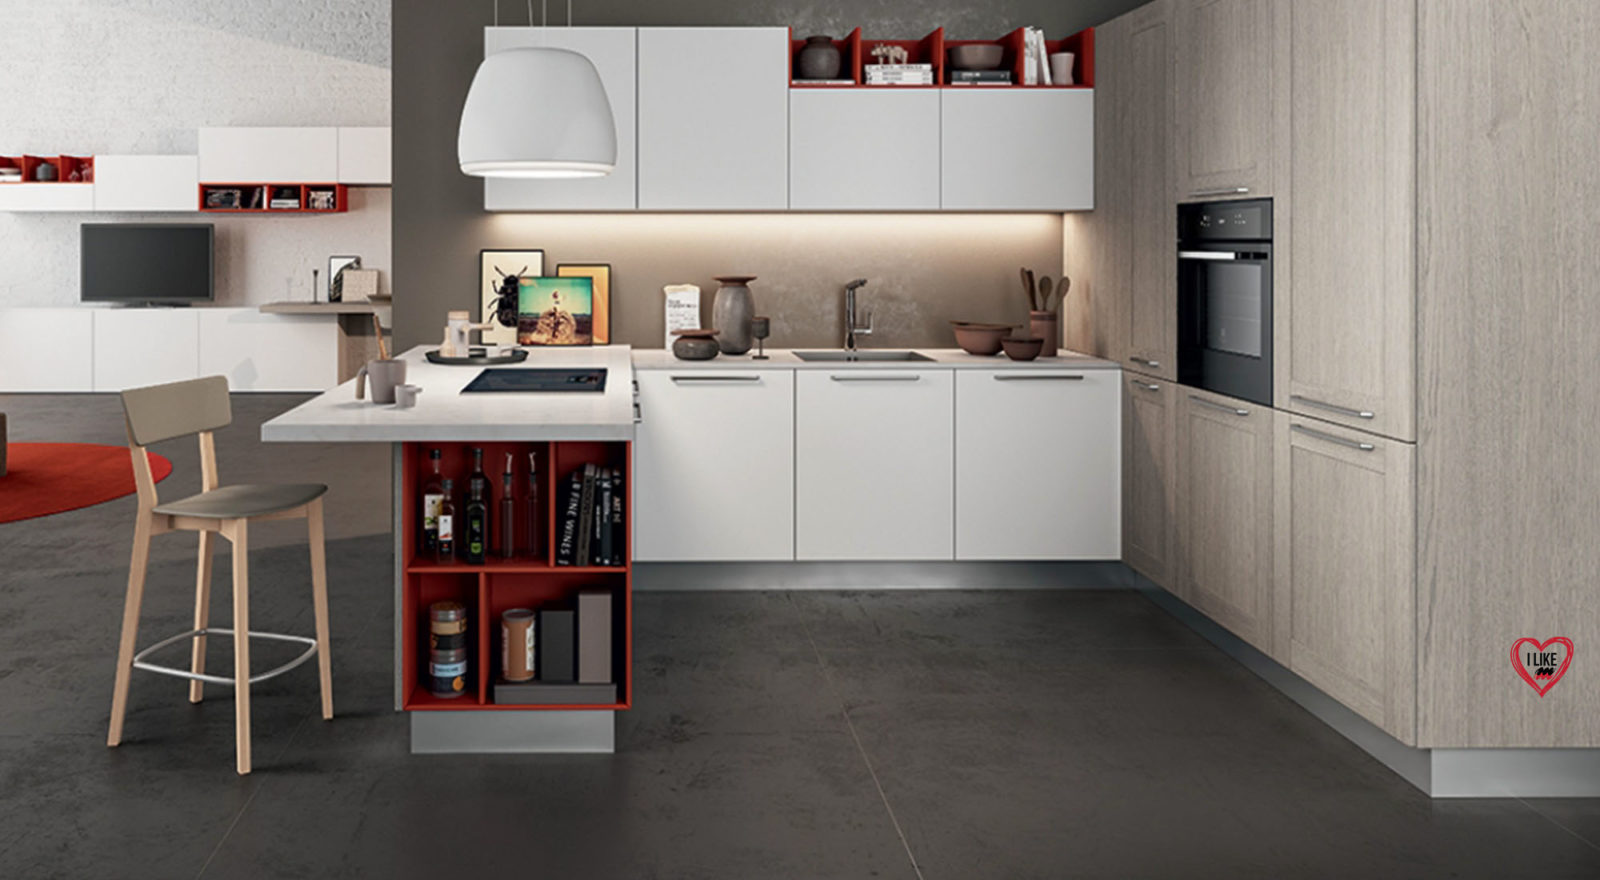 Cucine Componibili Con Angolo cucine piccole moderne e componibili. arredo cucina piccola